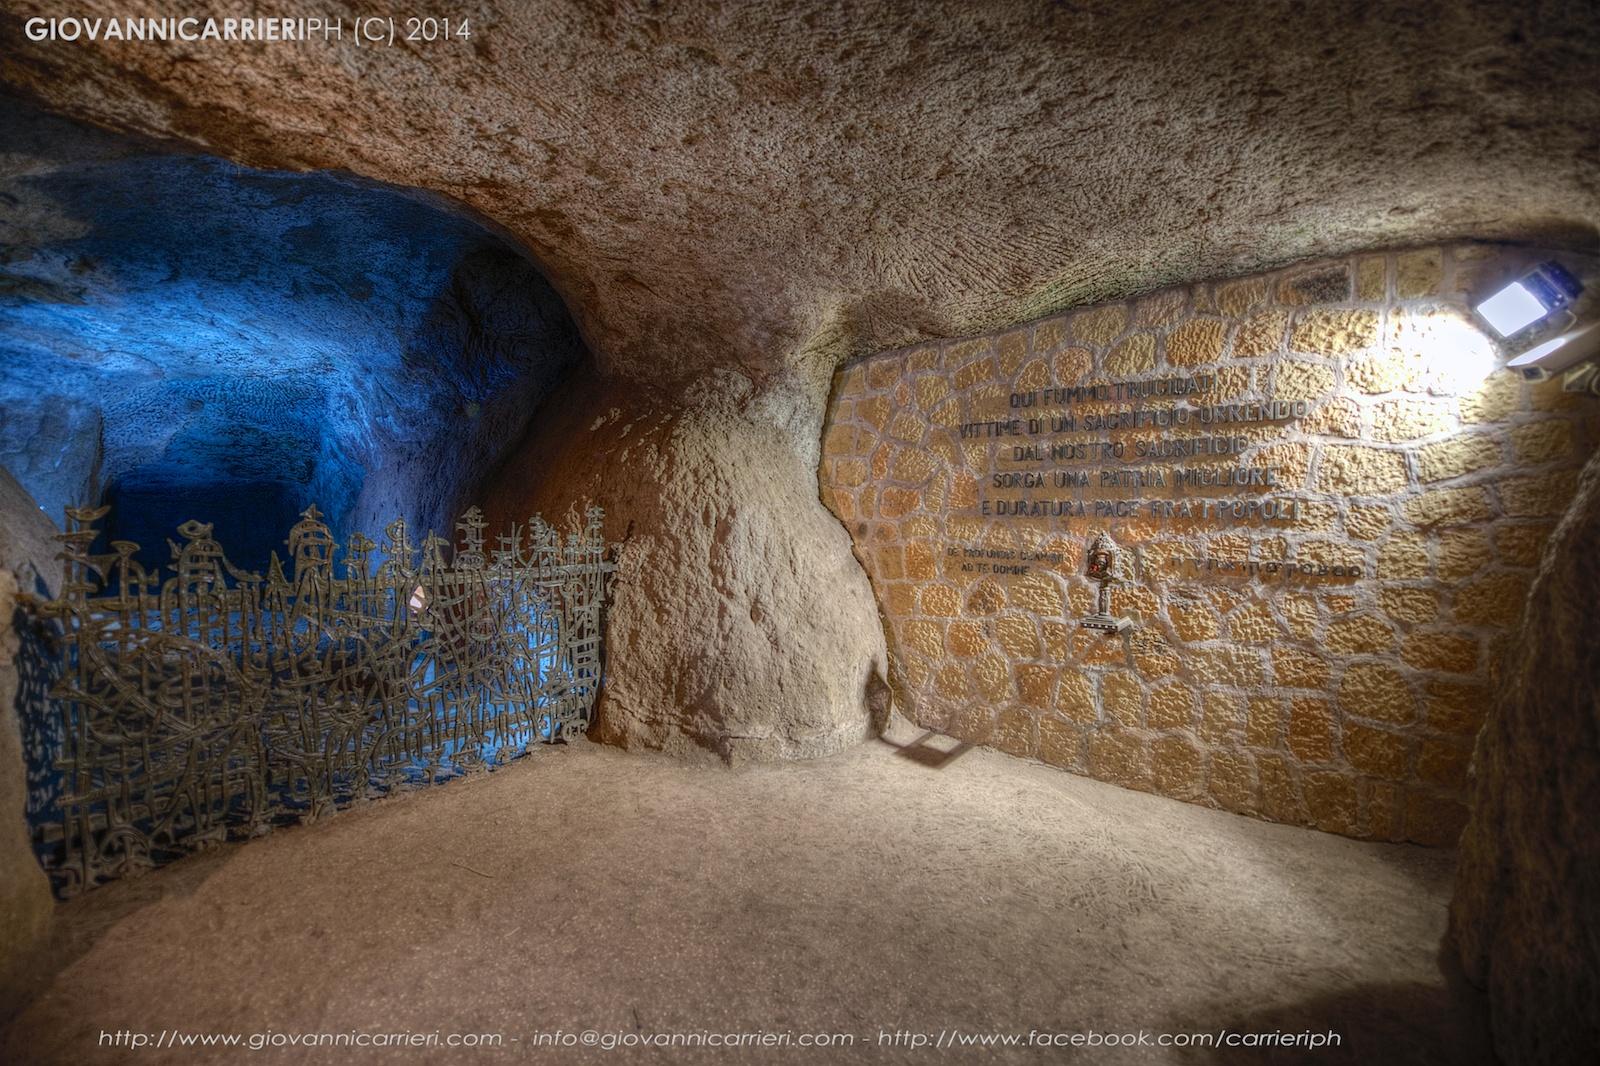 La grotta dell'eccidio delle Fosse Ardeatine